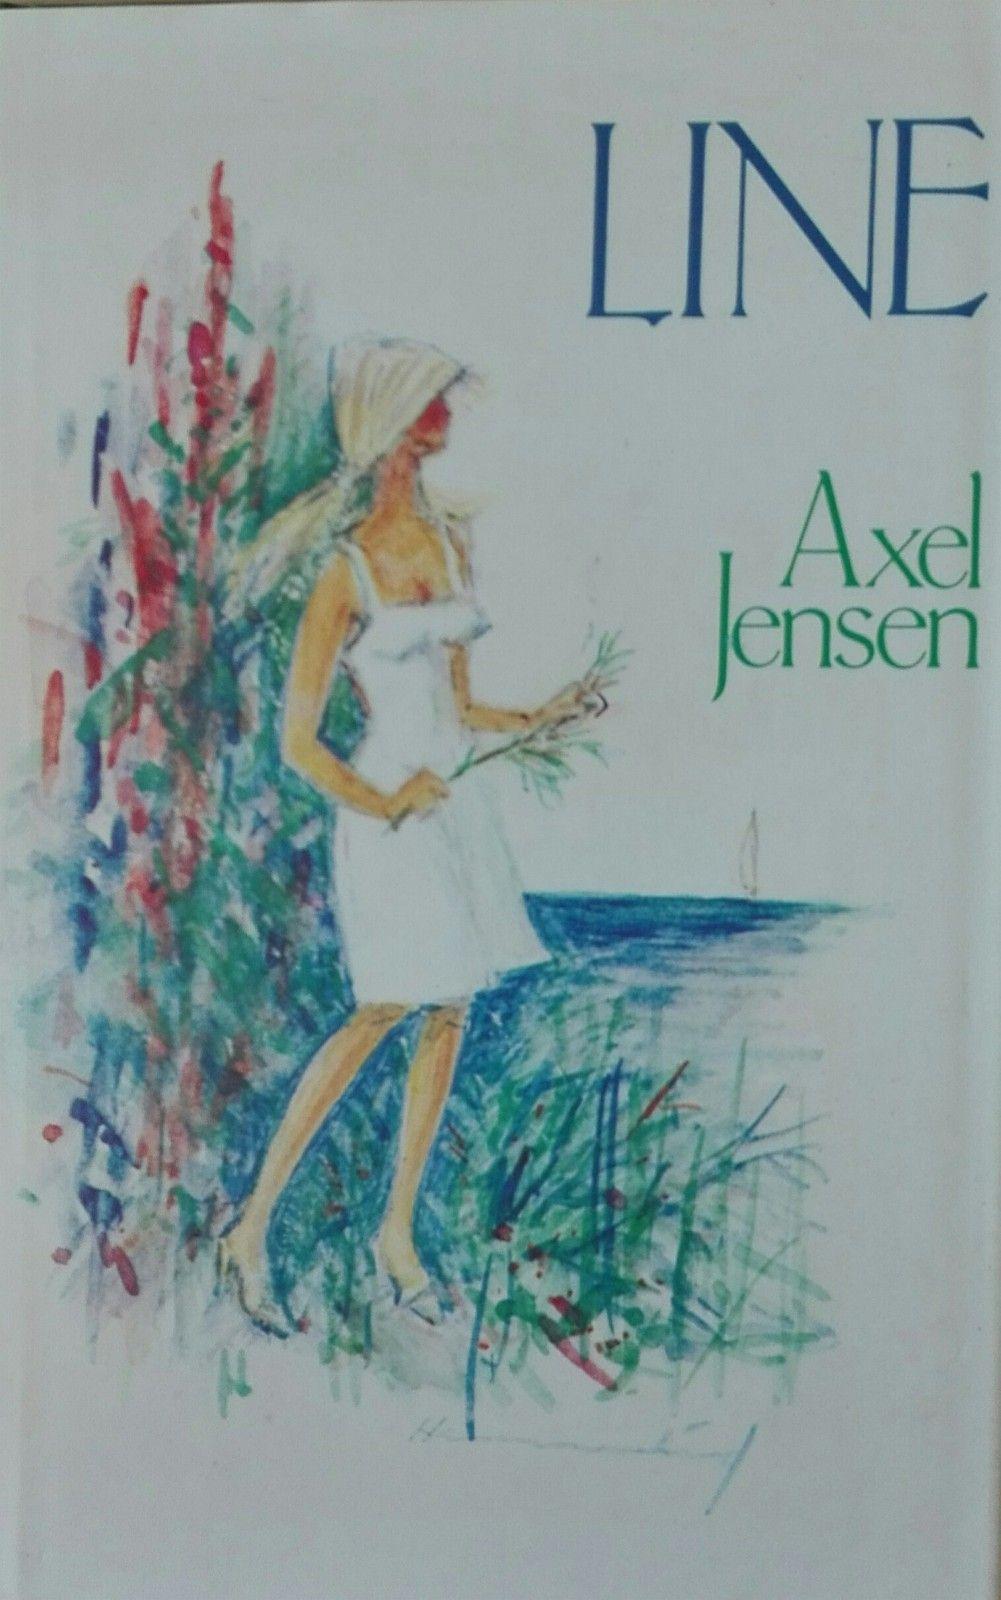 Axel Jensen: Line - Oslo  - Axel Jensen: Line. Oslo 1980. Bokklubben. 8vo. 263 s. Granitolbind med smussomslag. Hvit rygg med blå tittel. Pen. - Oslo